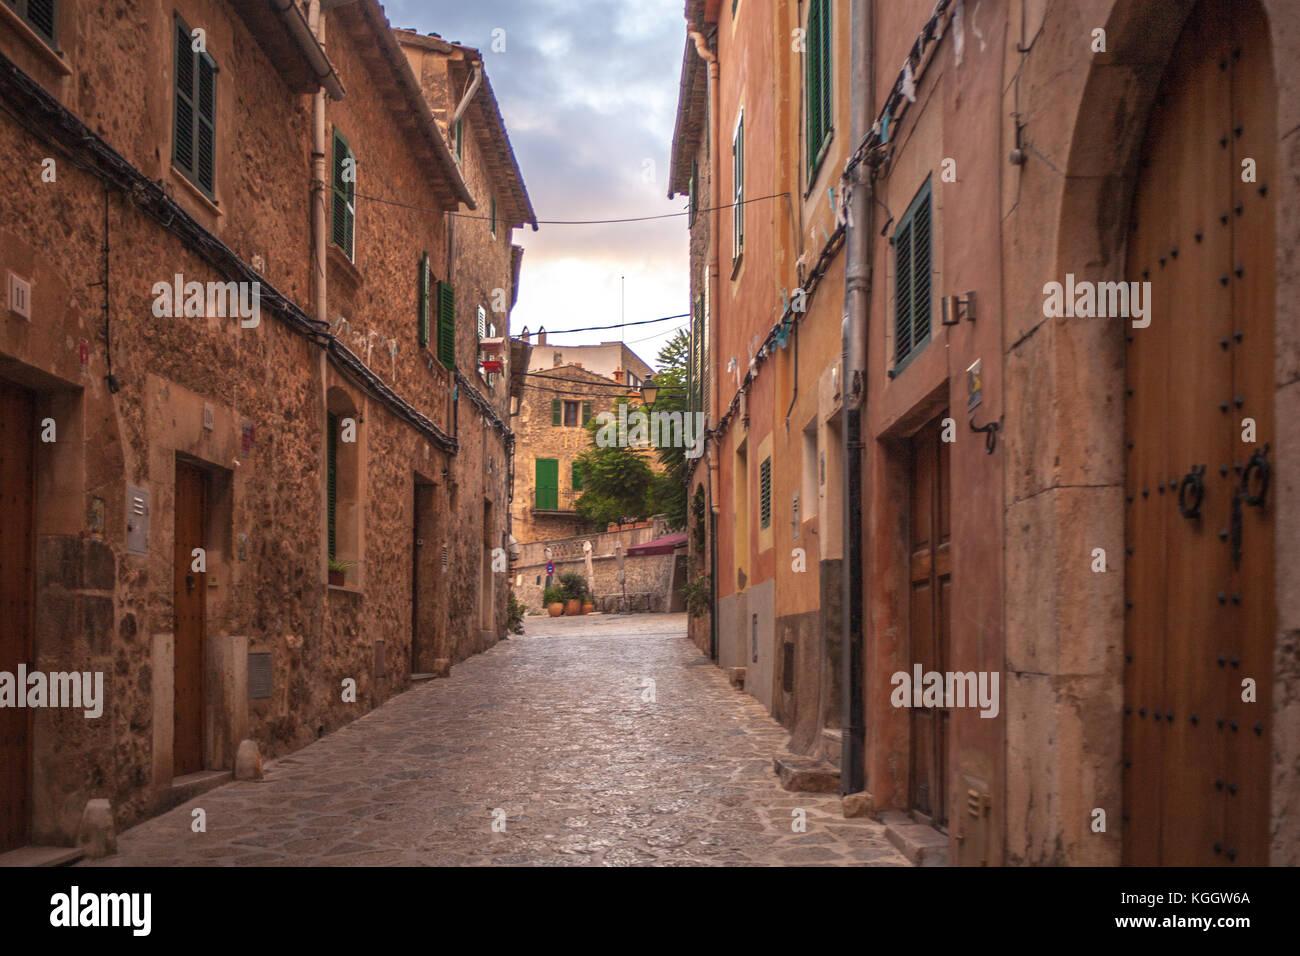 Los hogares españoles encantador de la calle línea en Valldemossa, Mallorca Imagen De Stock